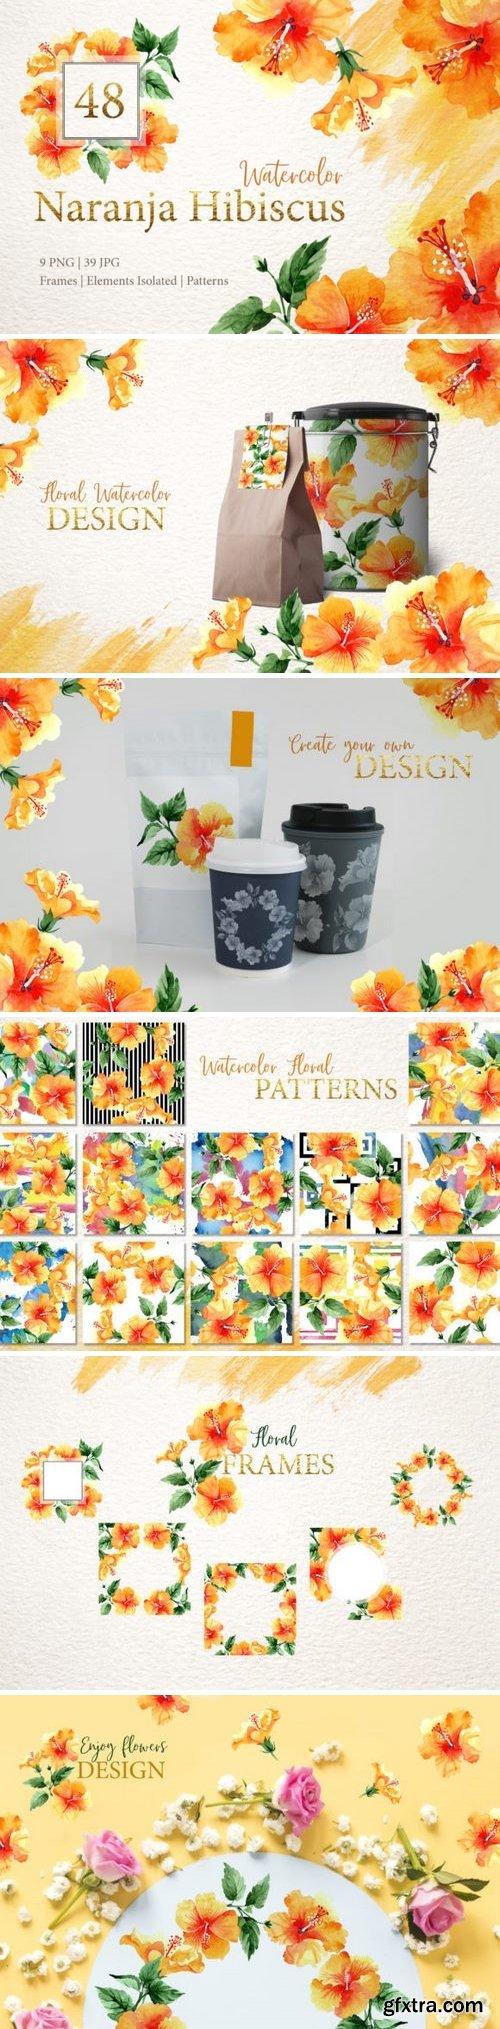 CM - Naranja Hibiscus Watercolor png 3360626